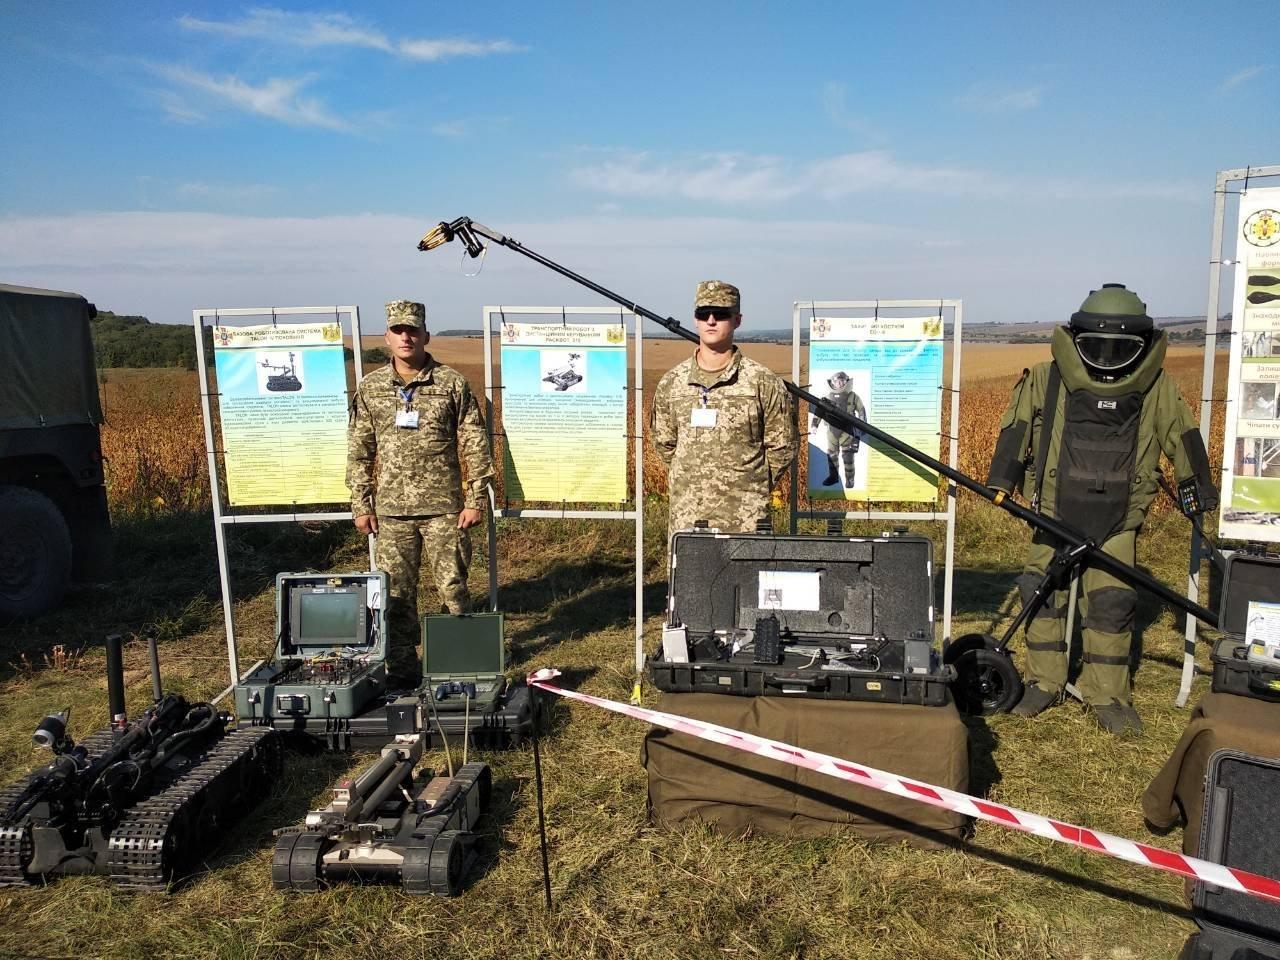 Військовослужбовці Центру розмінування взяли участь у проведенні заходів 14 окремого Пилявецького Потягу, фото-5